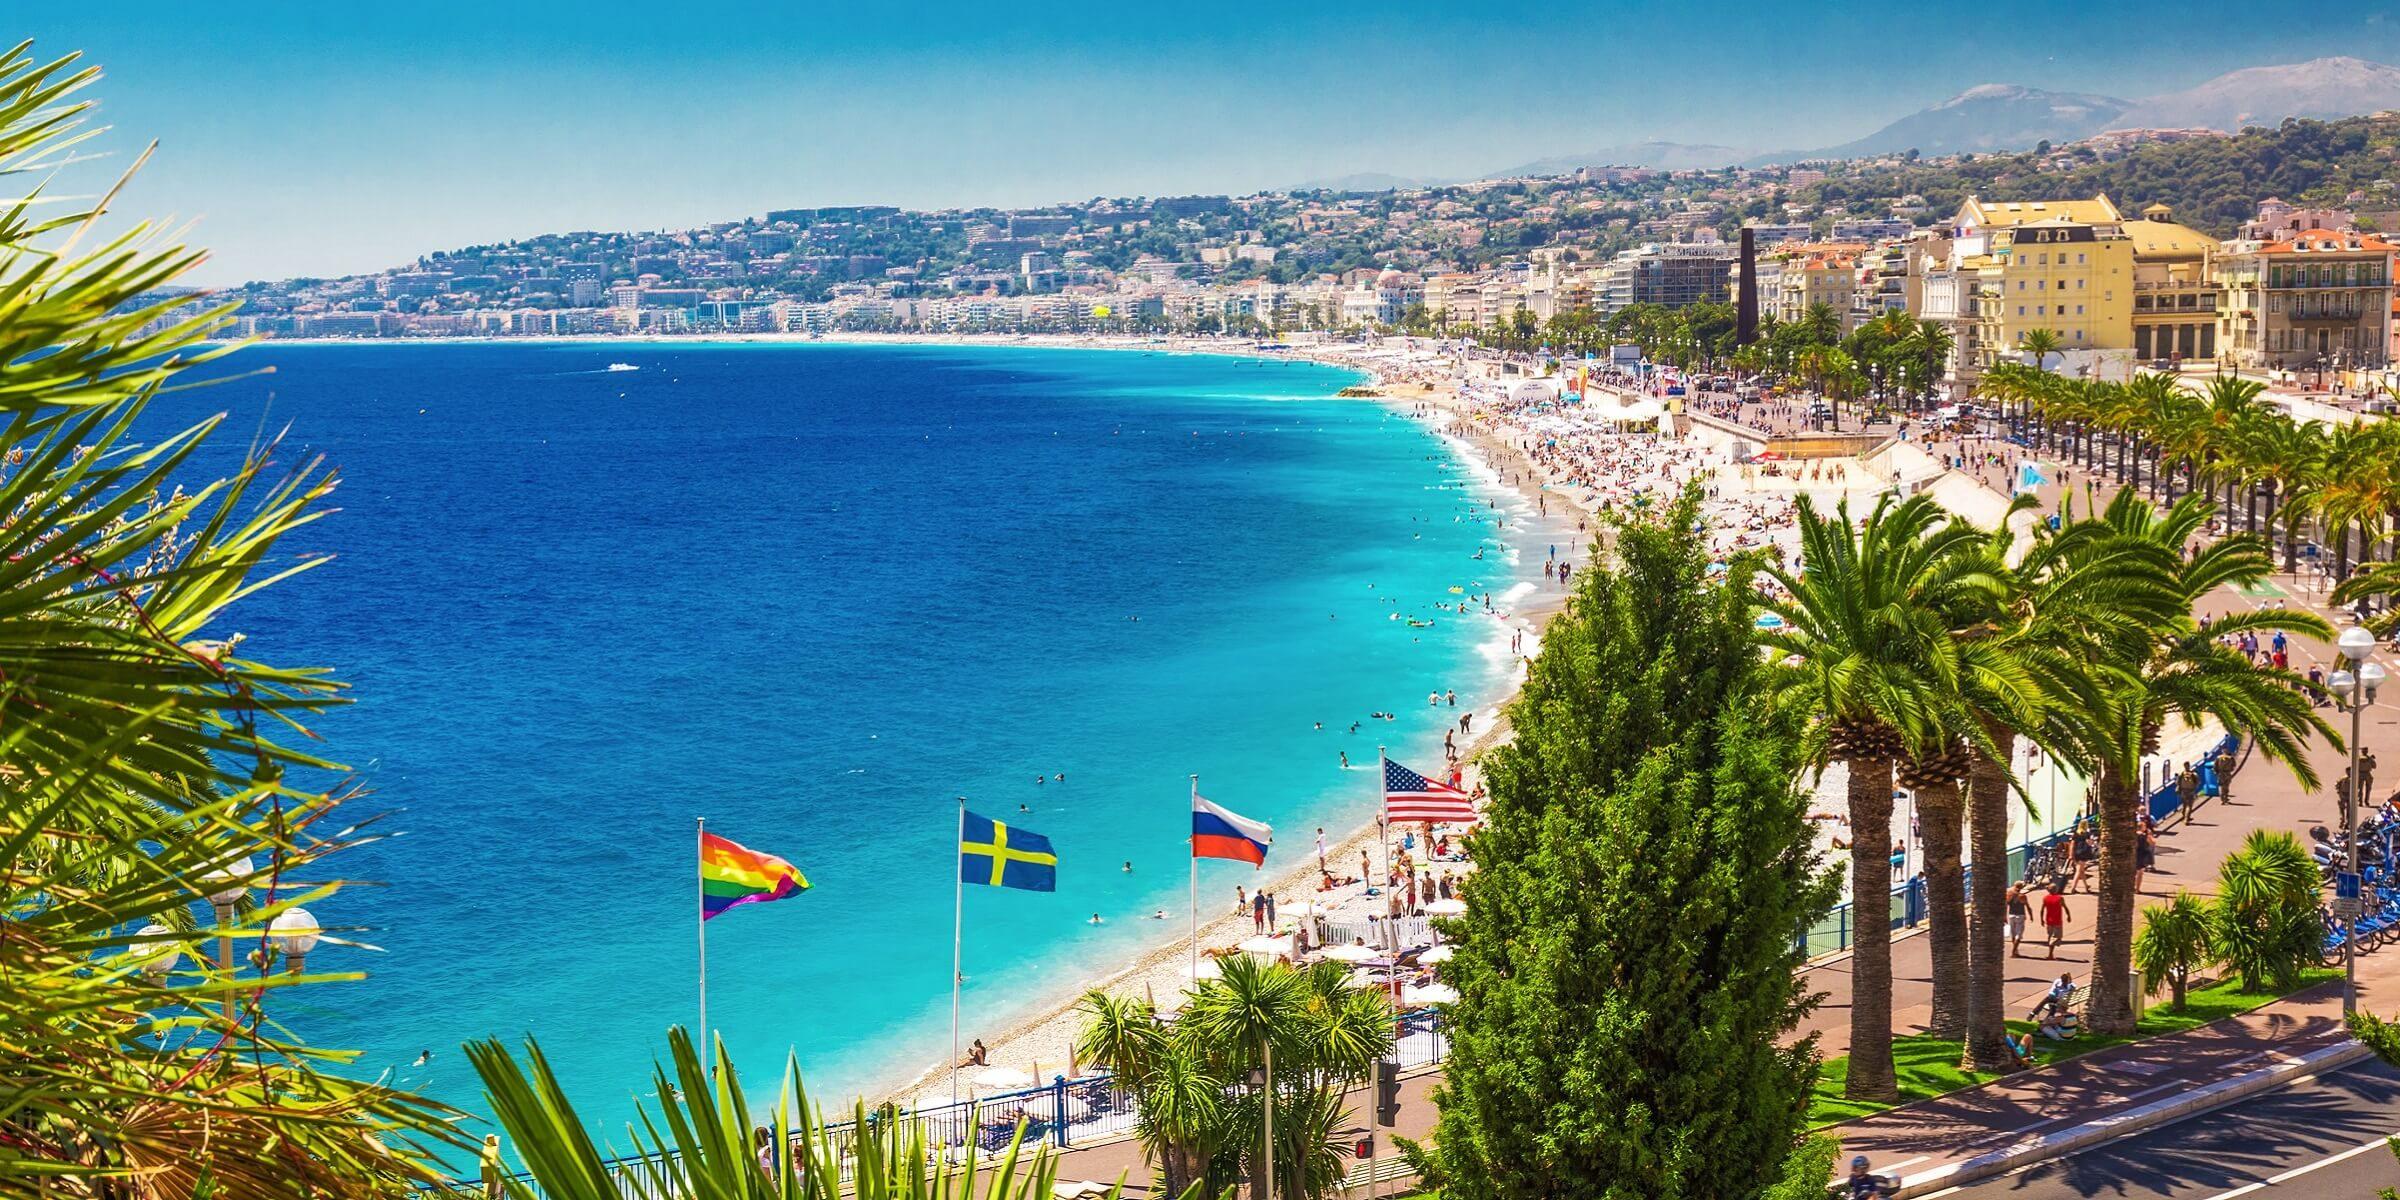 Ein Panoramabild über die Promenade des Anglais in Nizza